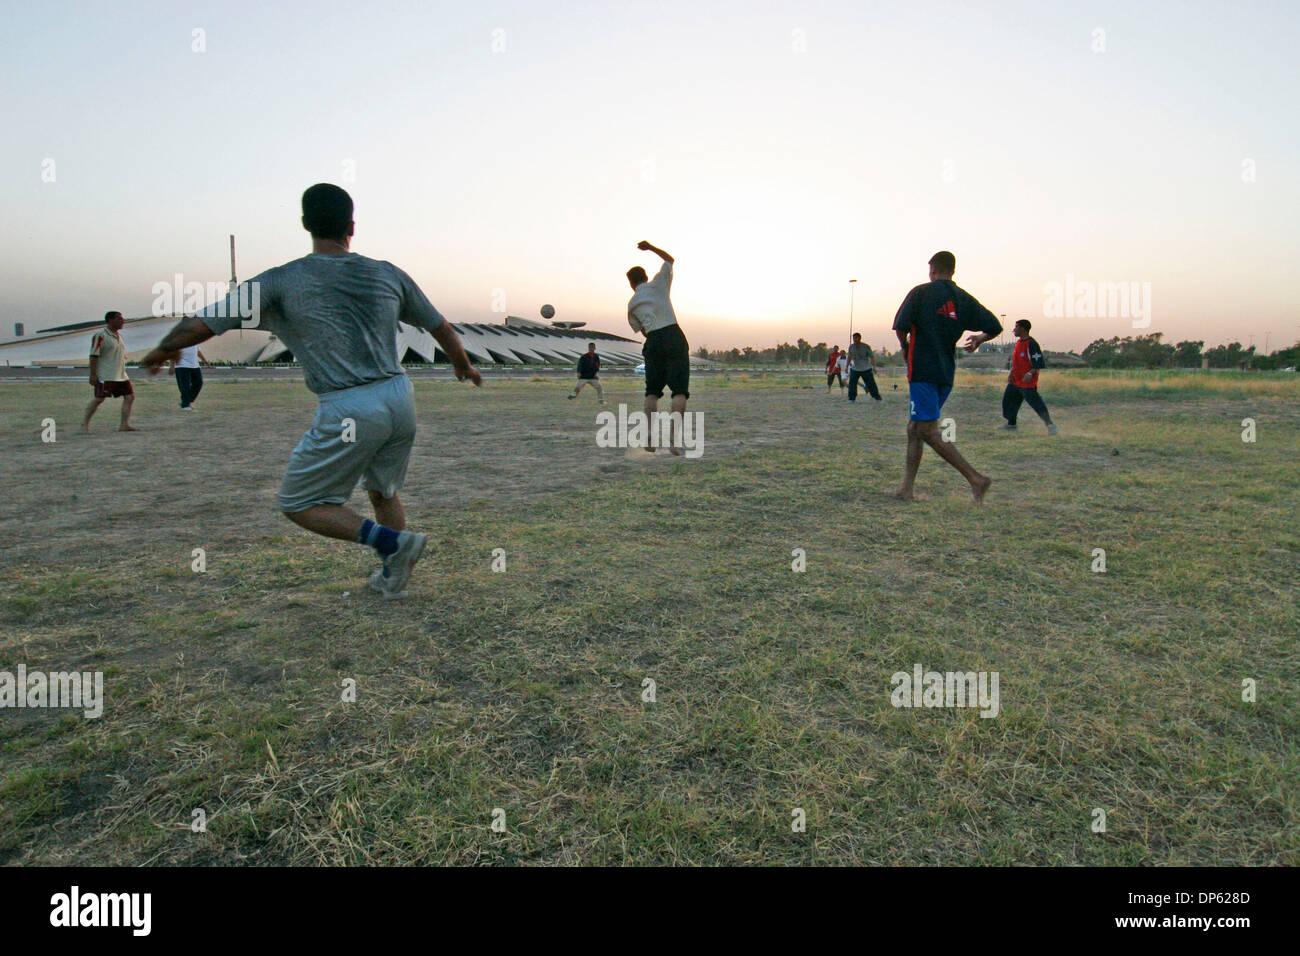 Juin 04, 2006; BAGDAD, IRAK, soldats irakiens hors-service jouer un match de football au crépuscule dans un champ près de la Tombe du Soldat inconnu dans la zone verte de Bagdad le 4 juin 2006. La zone internationale, également connu sous le nom de la zone verte, se trouve à 5 milles carrés de Bagdad qui contient le gouvernement national iraquien et de la Coalition, le Premier ministre irakien, le bureau du Ministère irakien de la Défense, et U. Banque D'Images